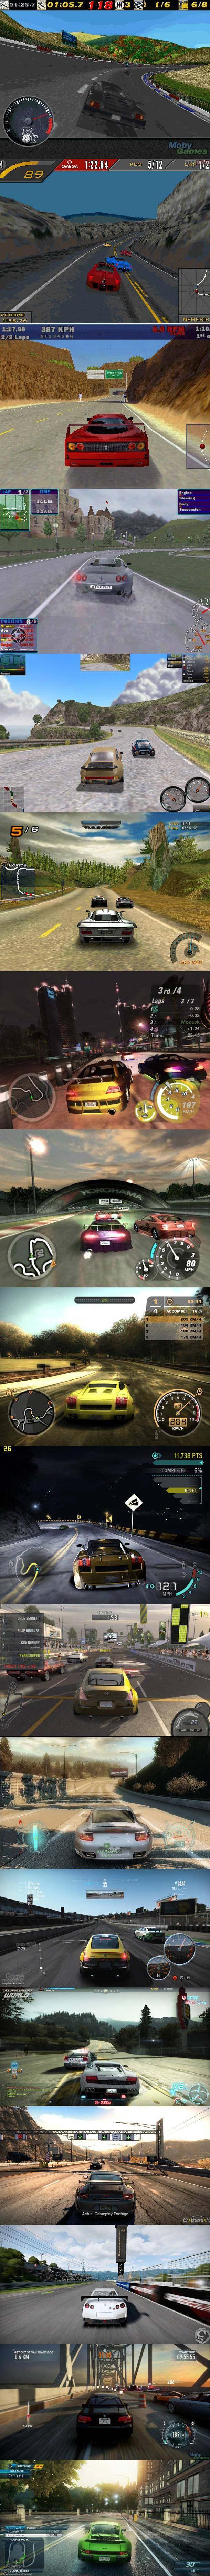 A evolução do game Need For Speed